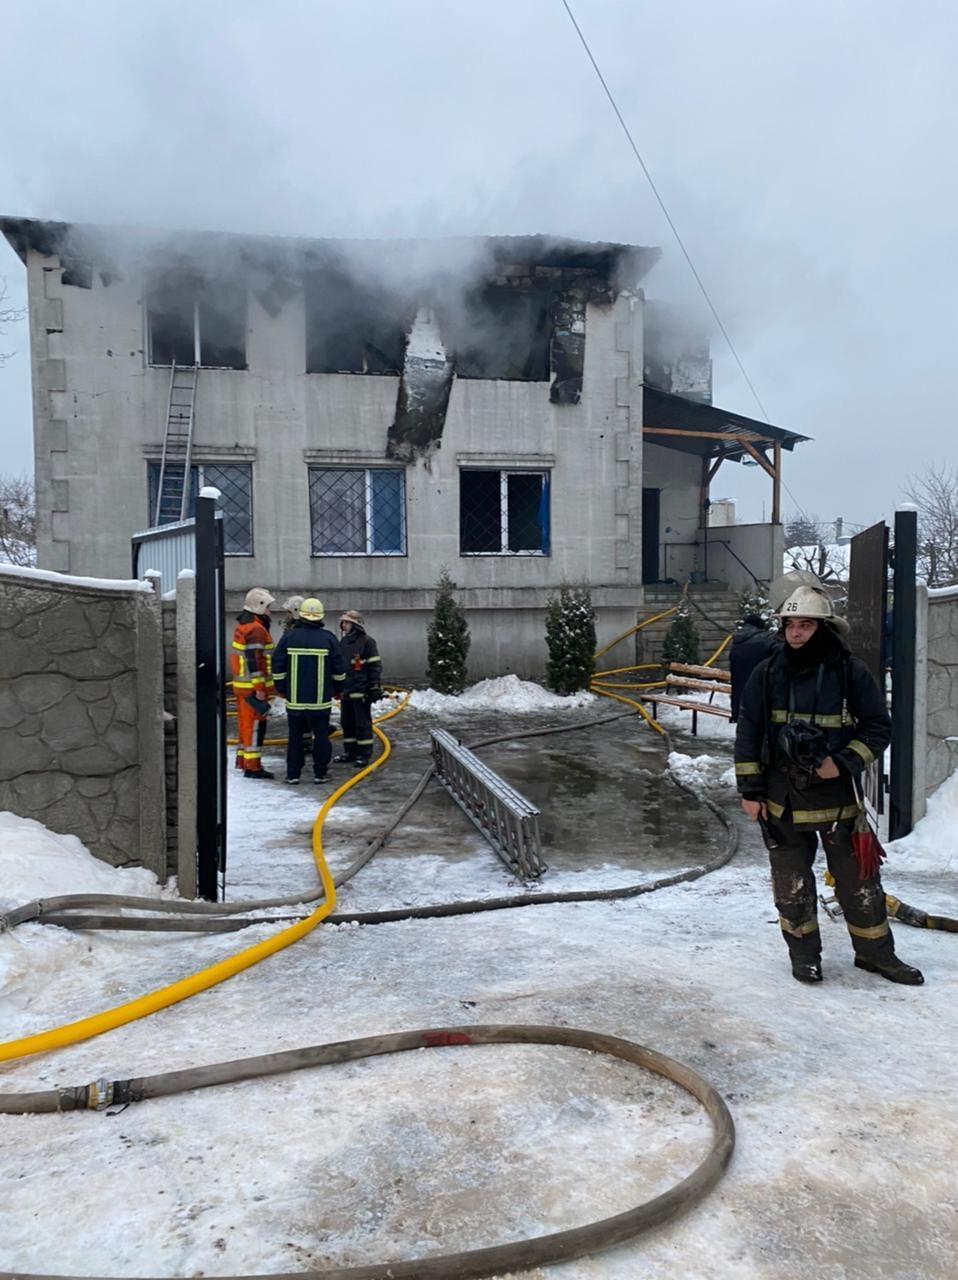 Зеленський відреагував на пожежу в будинку для літніх людей у Харкові